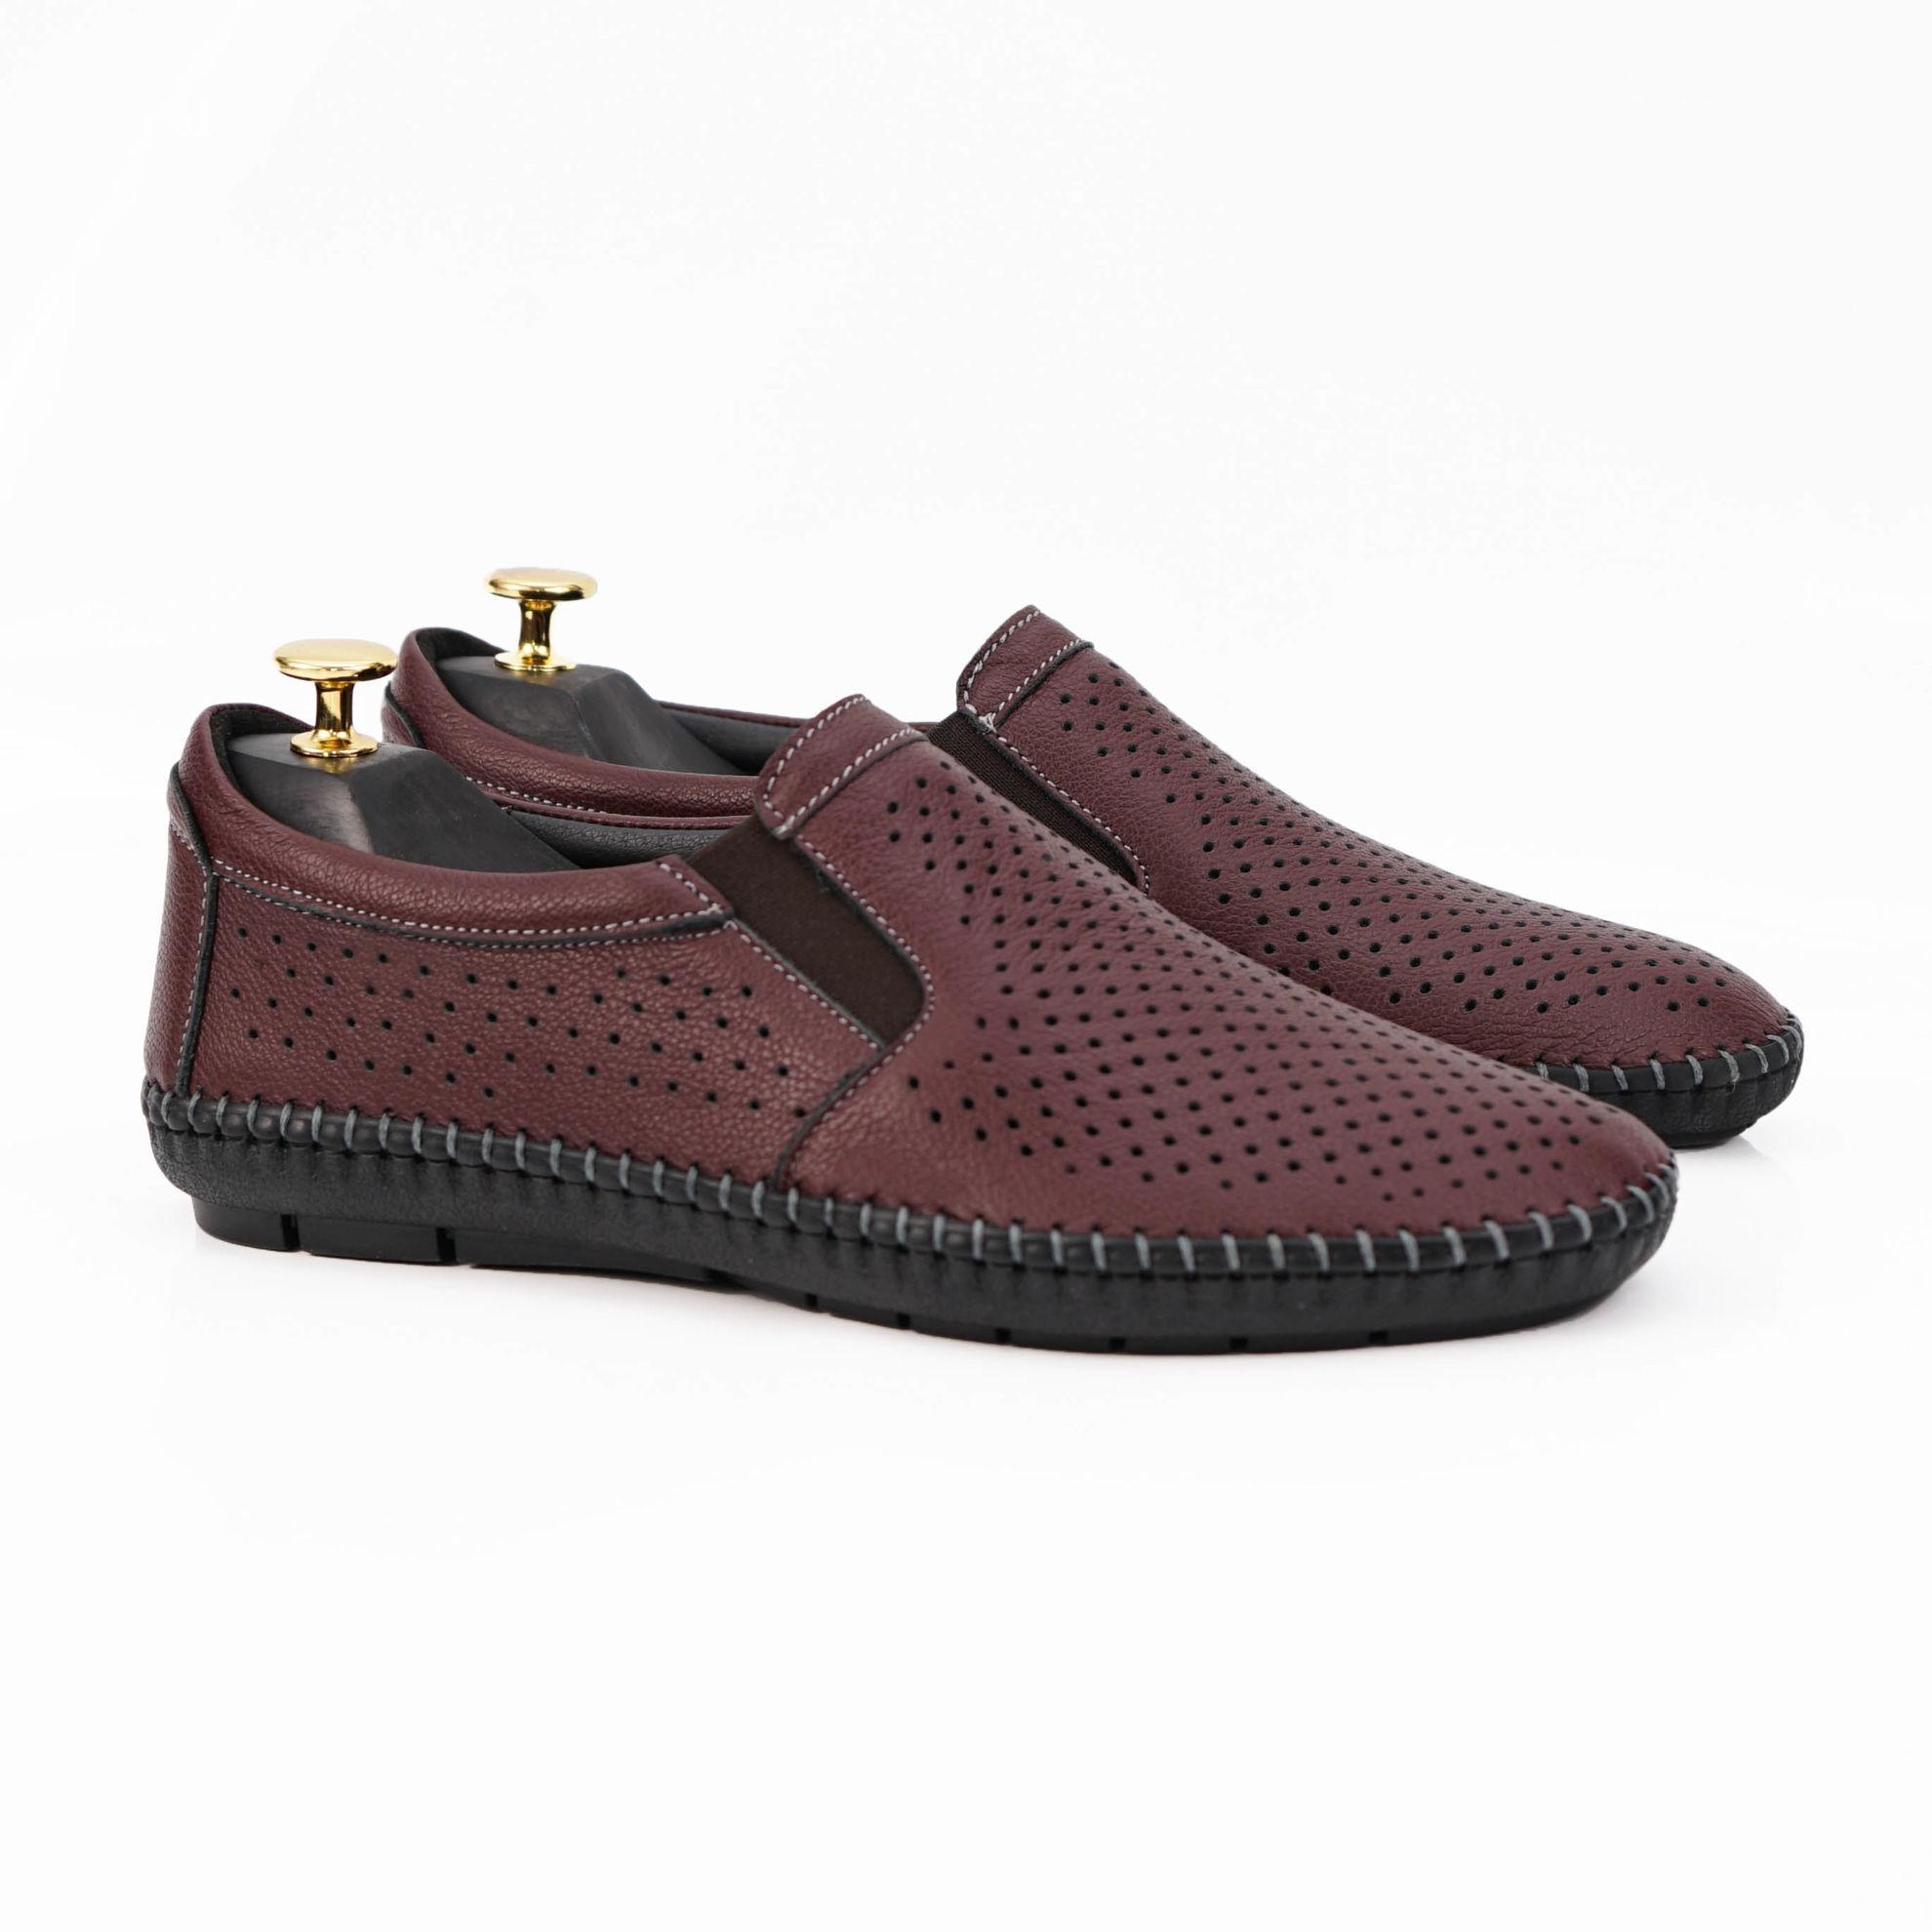 Imagine Pantofi casual bărbați piele naturală 600 Vișiniu